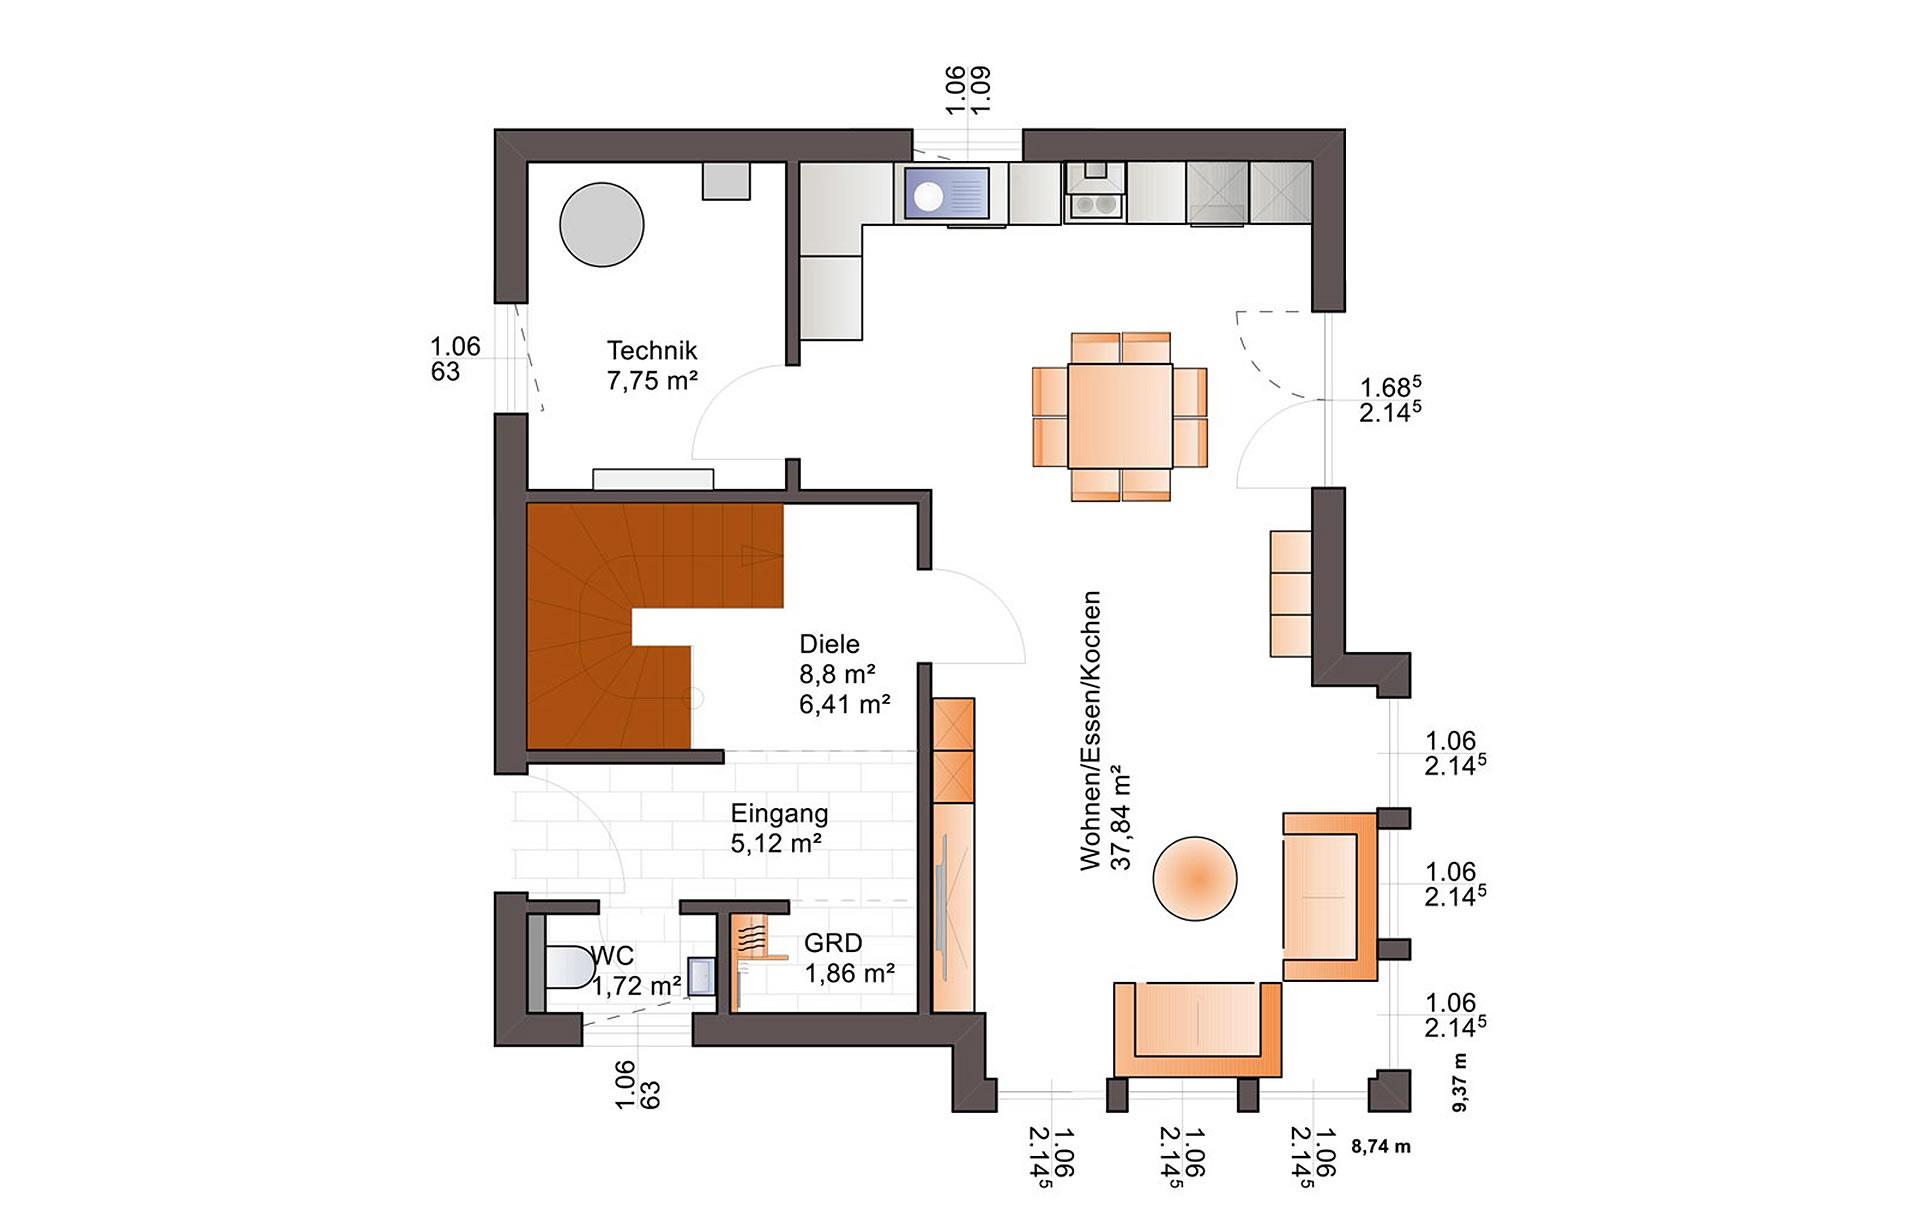 Erdgeschoss Esprit 117 von Bärenhaus - das fertige Haus GmbH